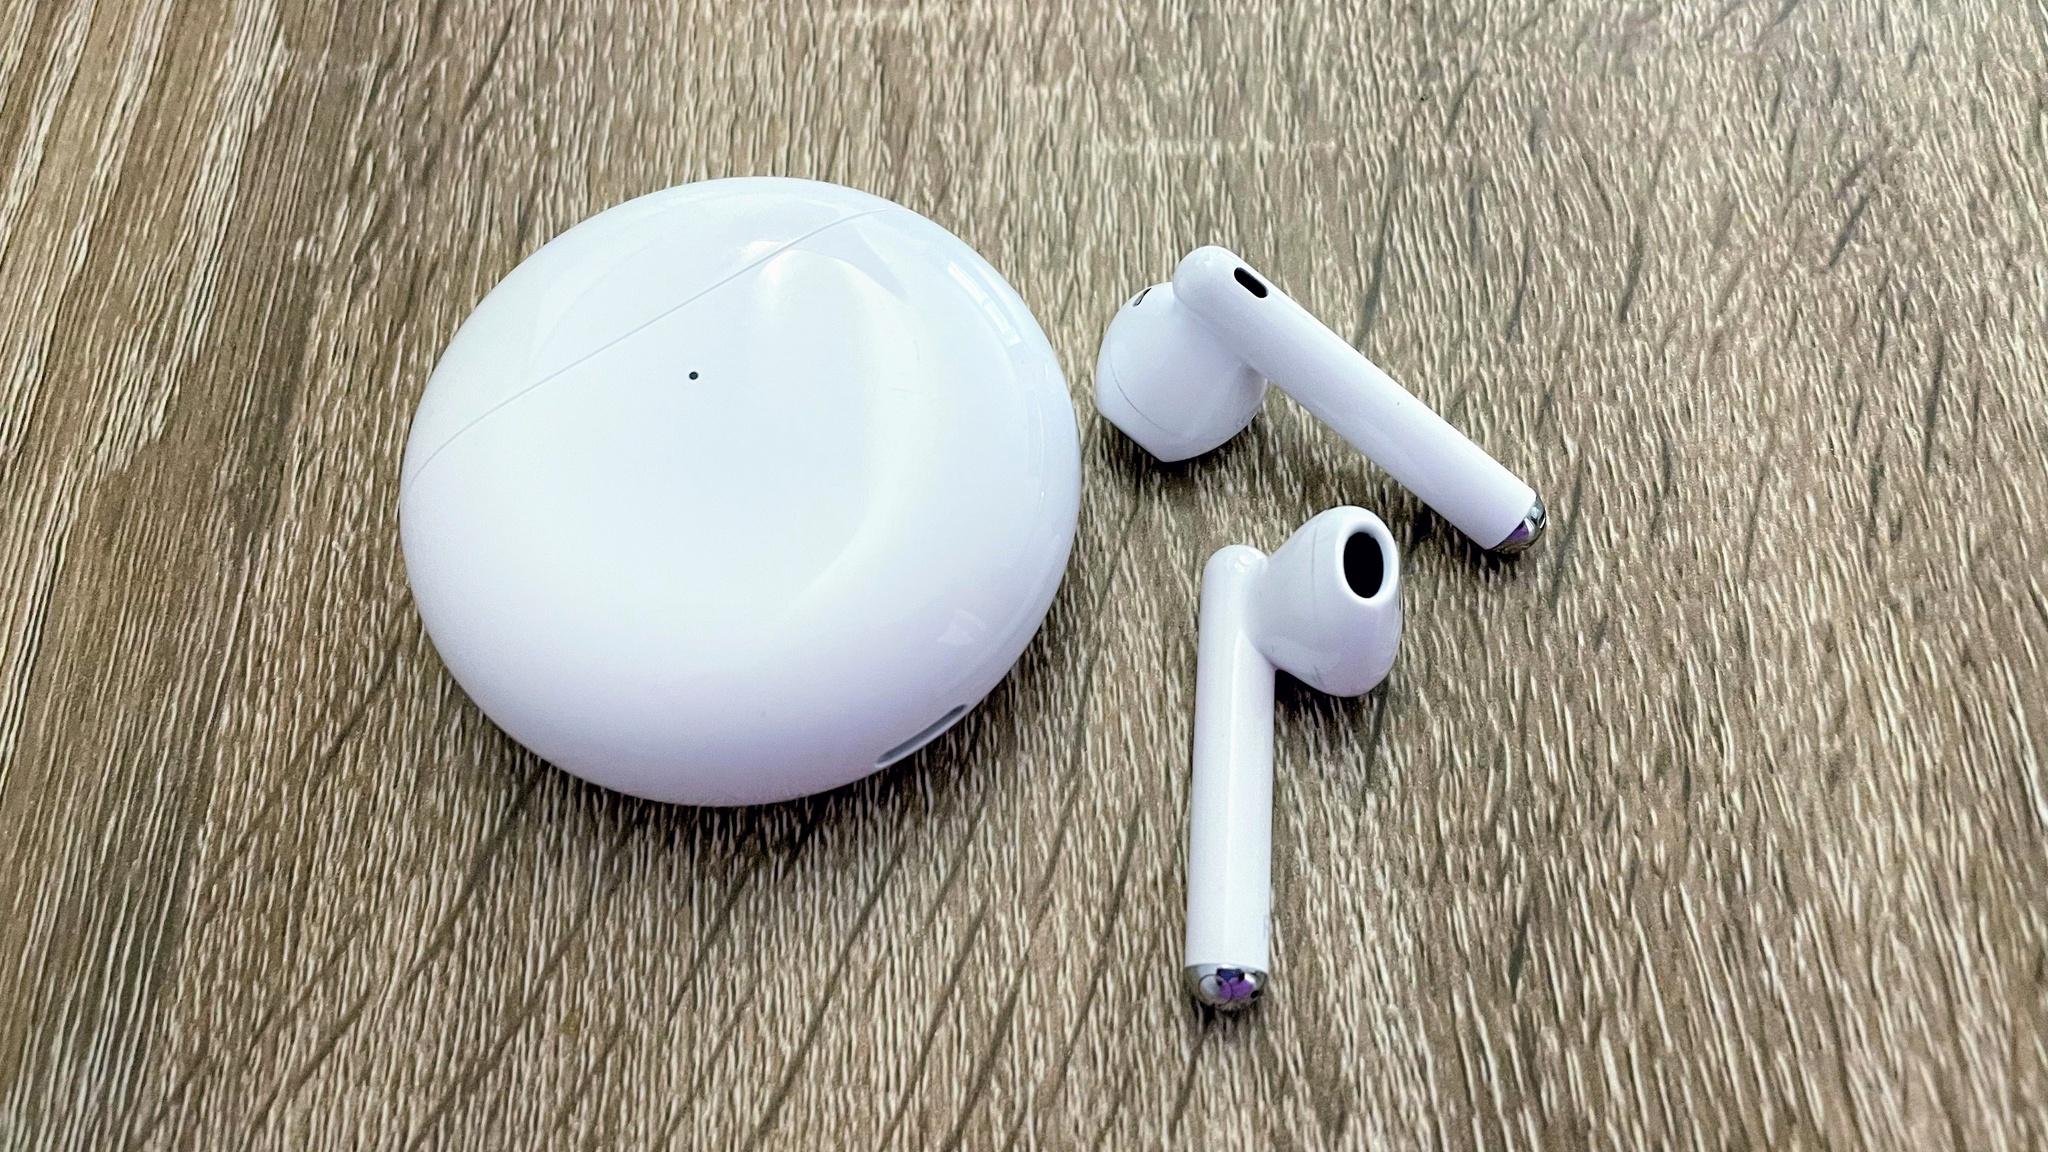 Trải nghiệm tai nghe game di động FreeBuds 4 – Chất âm tốt và giá hợp lý